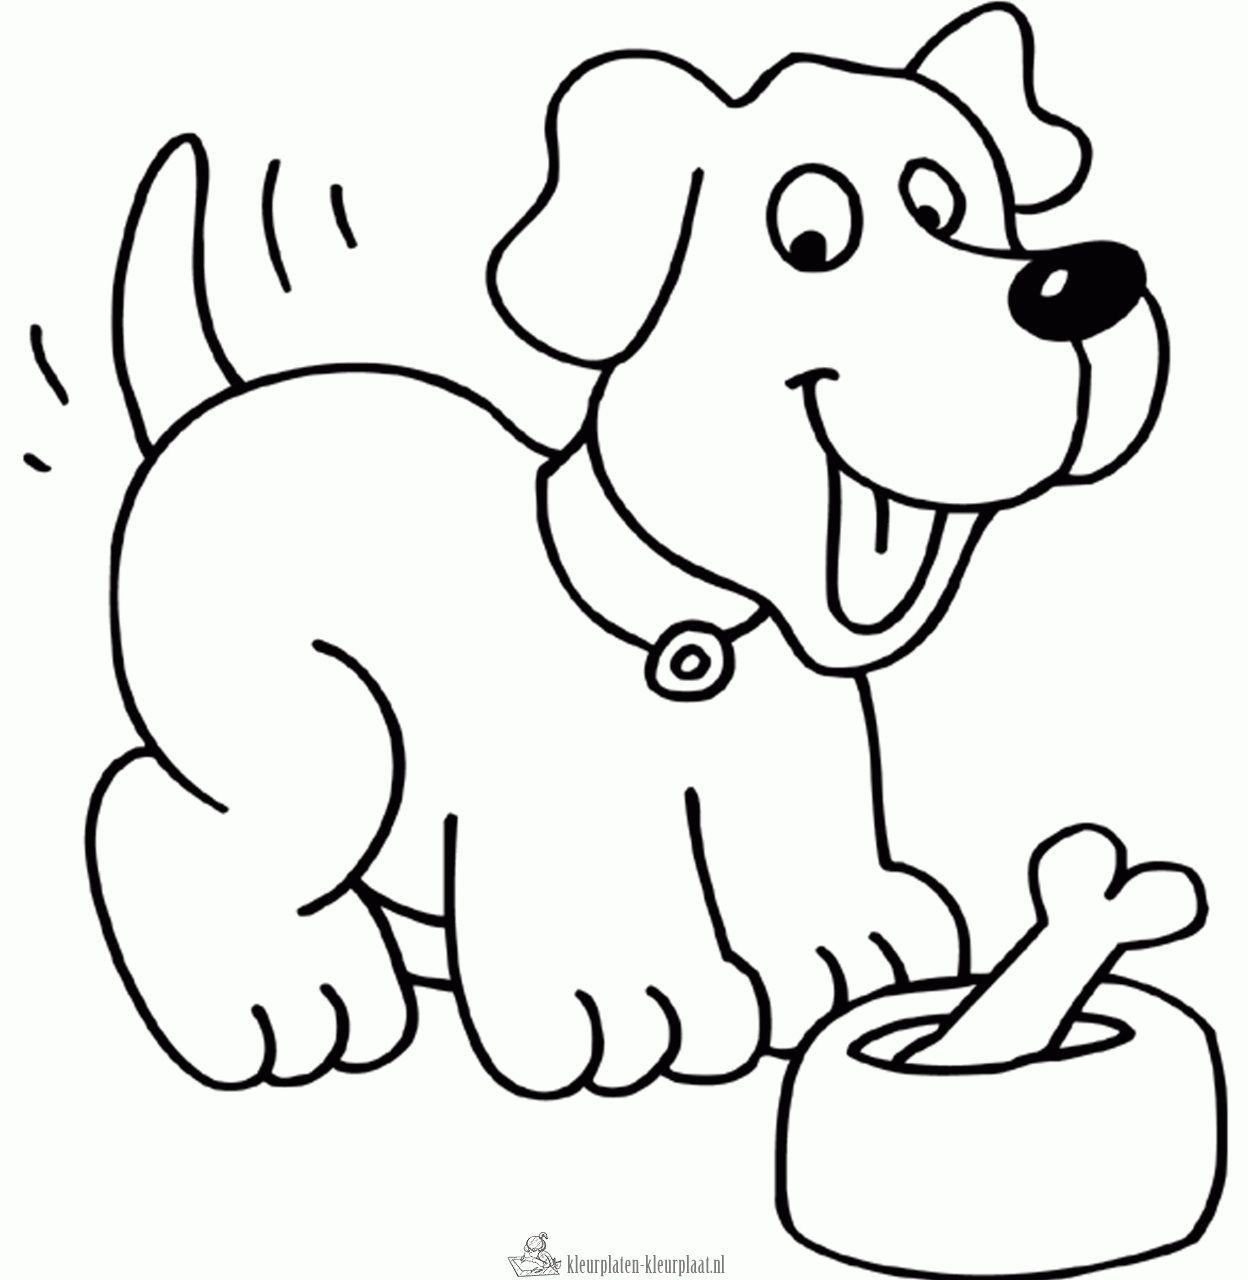 kleurplaat hond kleurplaten dieren kleurplaten disney